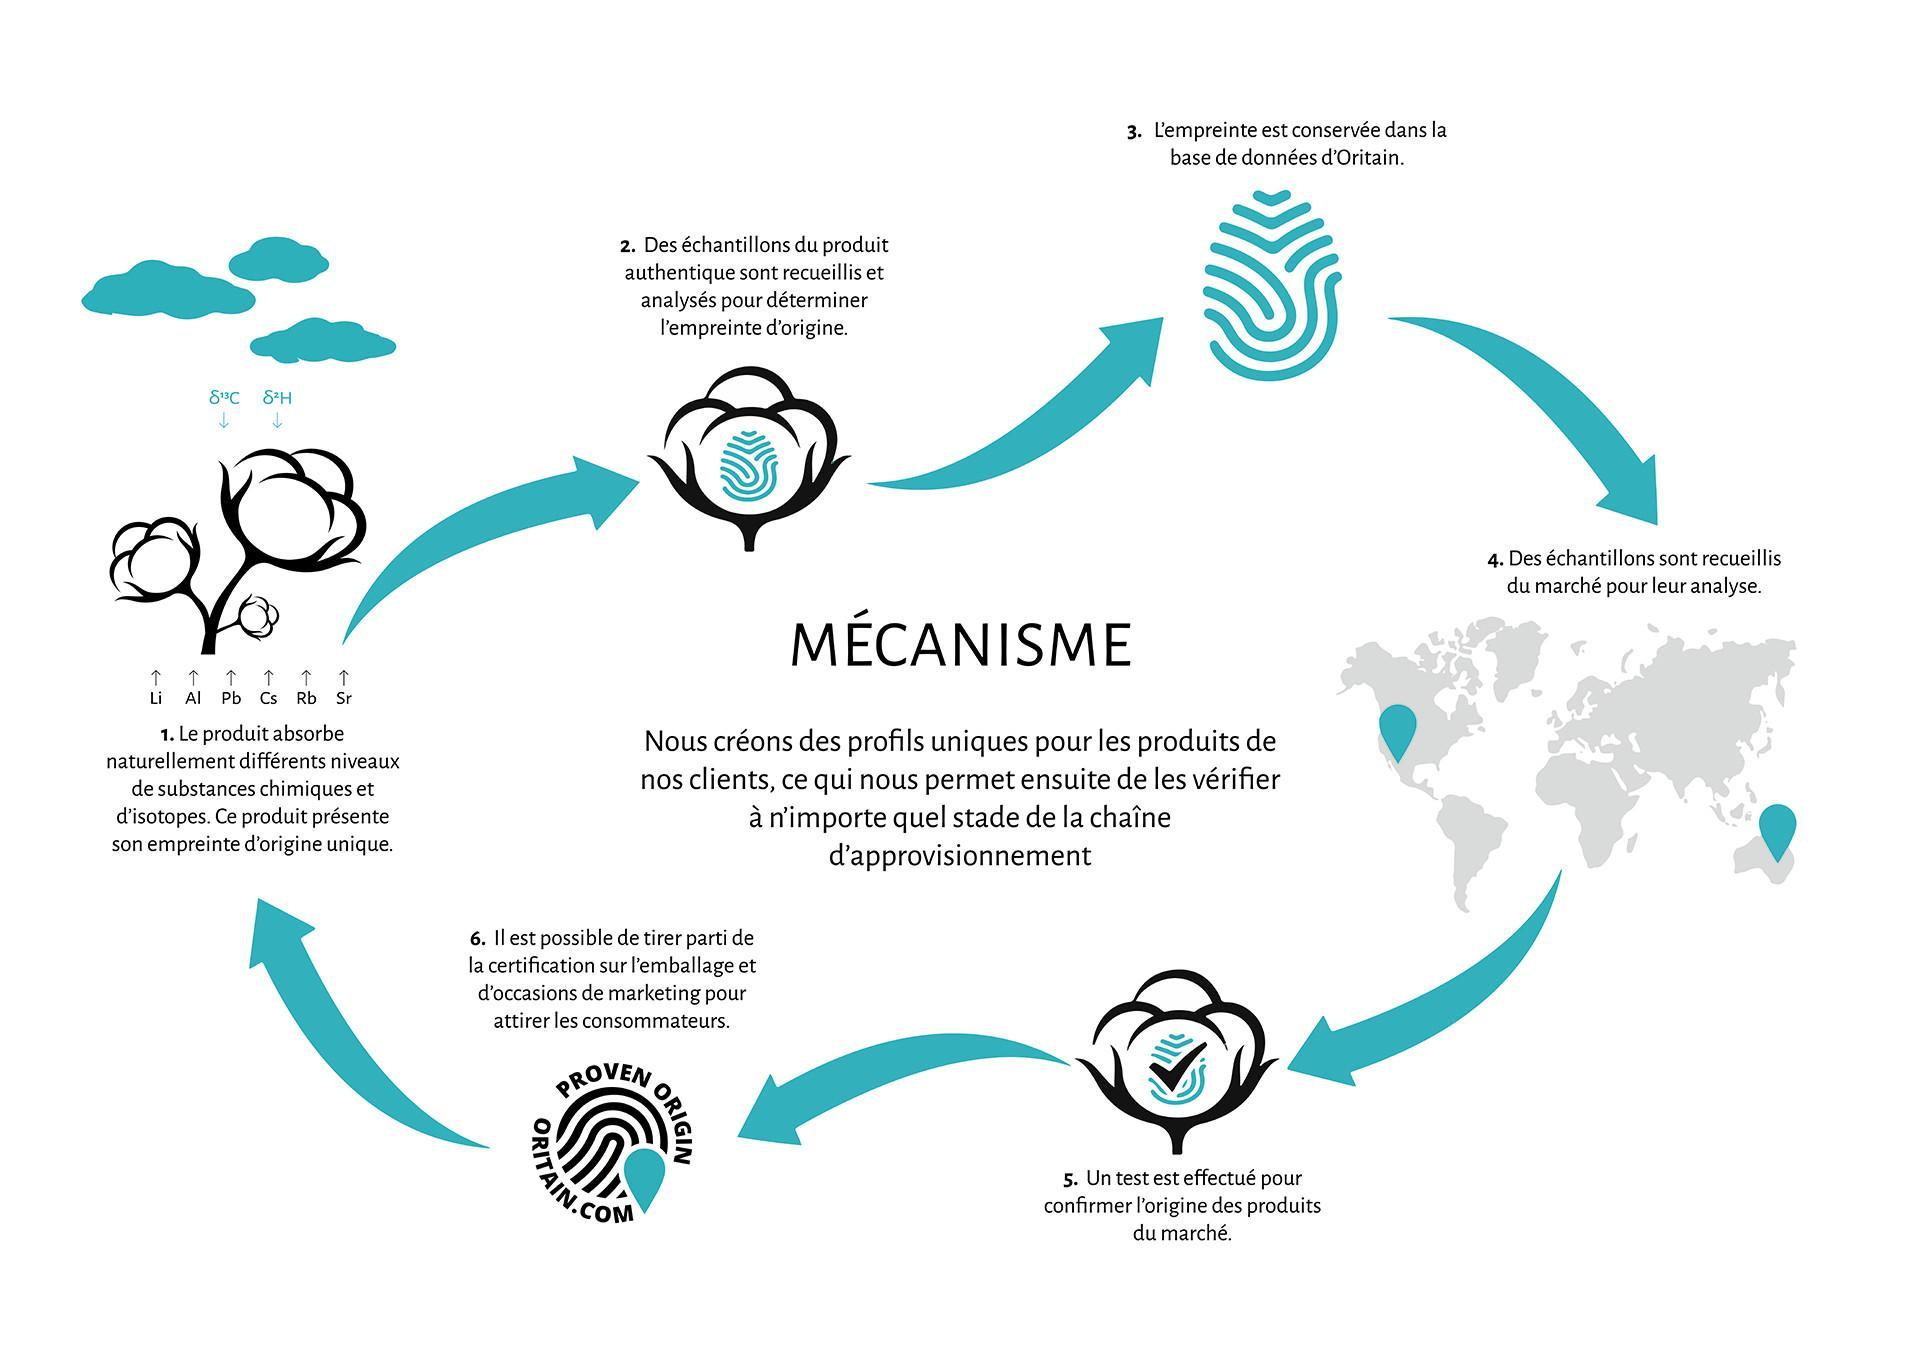 L'organigramme qui s'affiche décrit la façon dont Oritain valide l'origine d'échantillons de coton issu de notre chaîne d'approvisionnement.